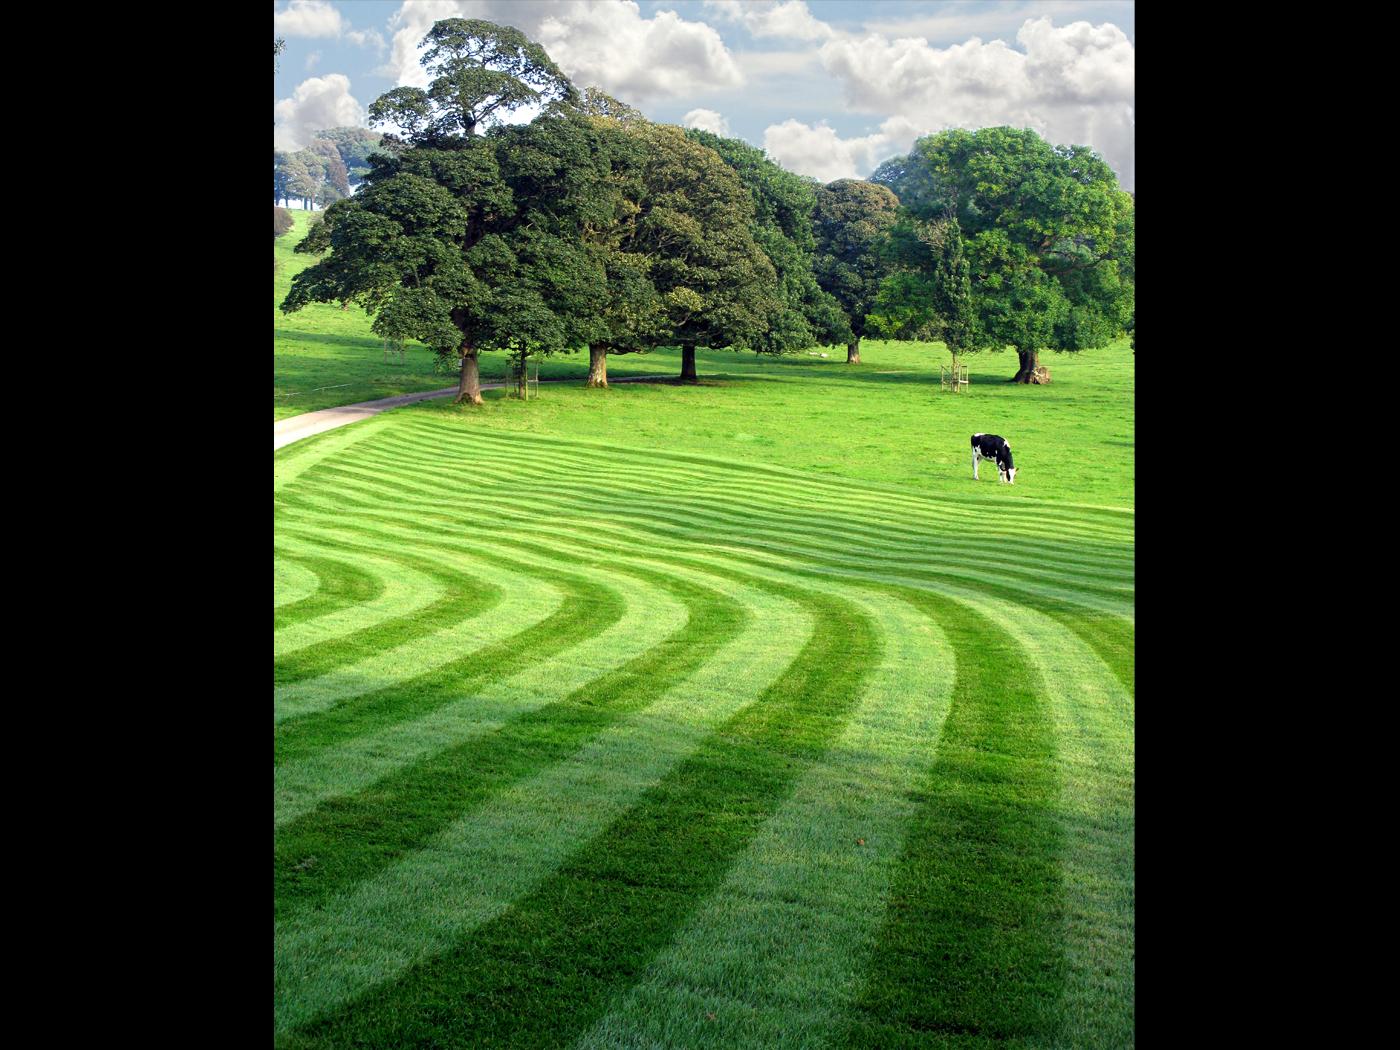 DPI 3rd place - Mown Grass